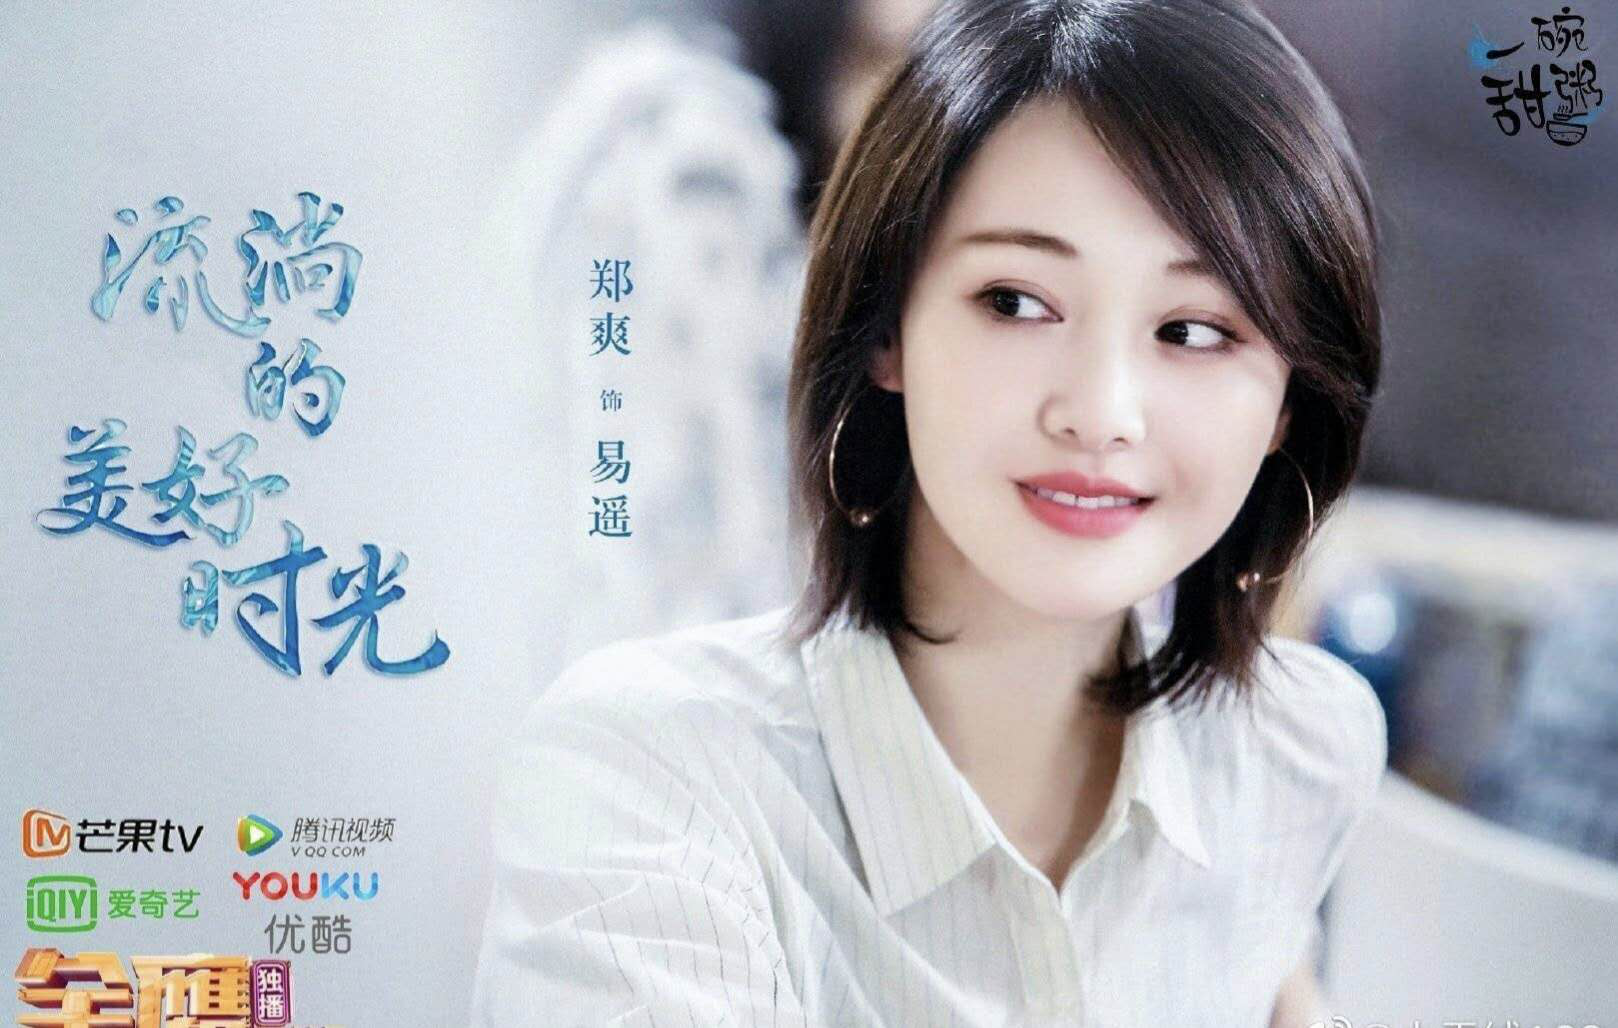 郑爽新剧定档《流淌的美好时光》网友表示很期待郑爽的易遥上线